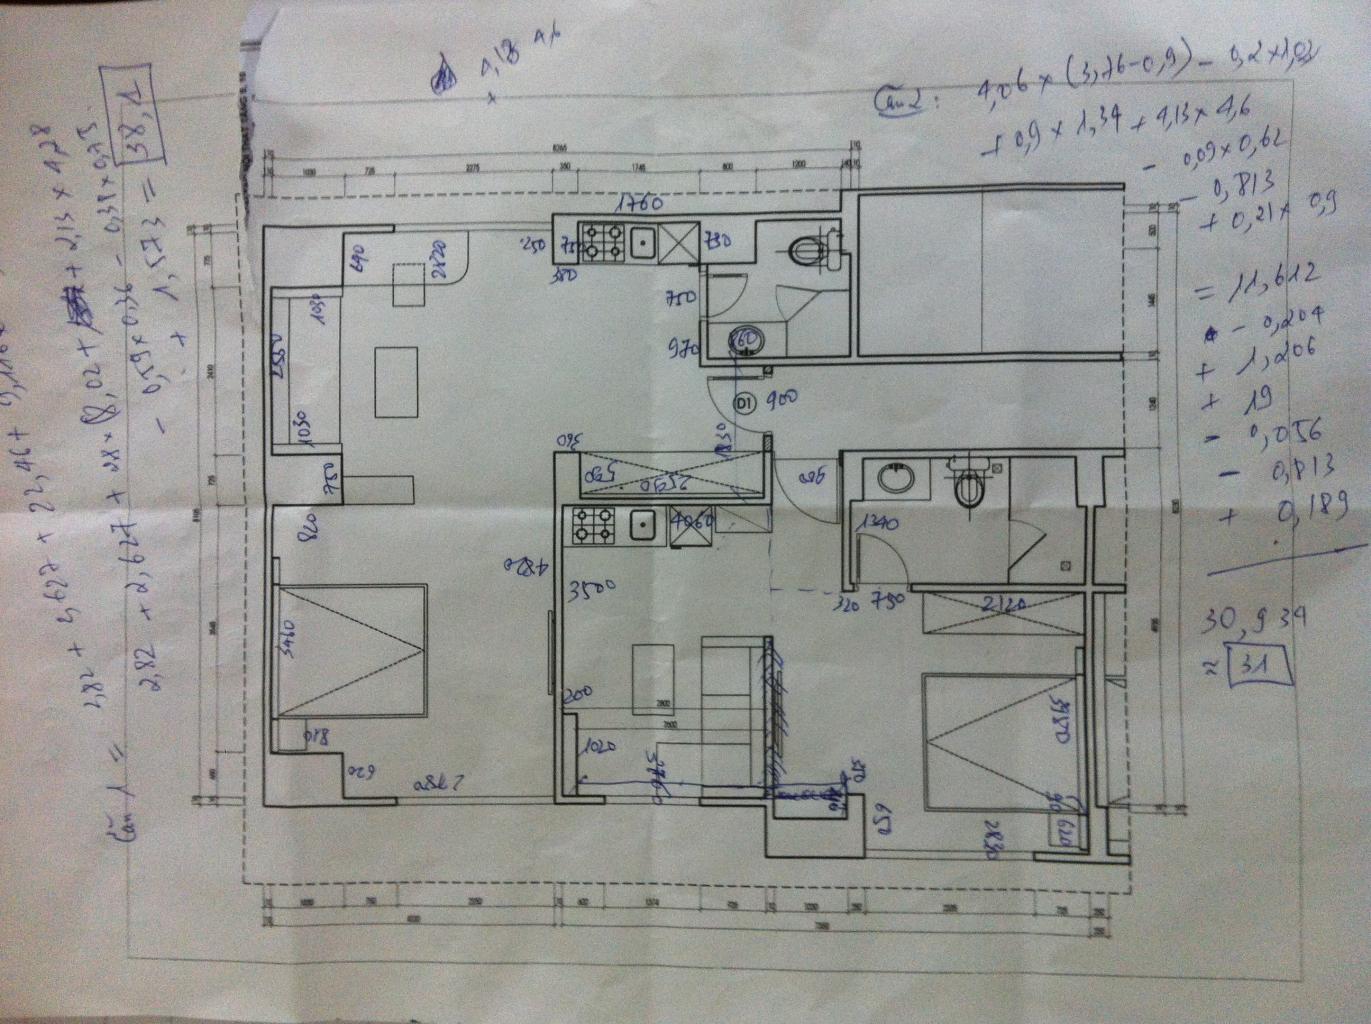 Thiết kế sơ bộ bản vẽ mặt bằng